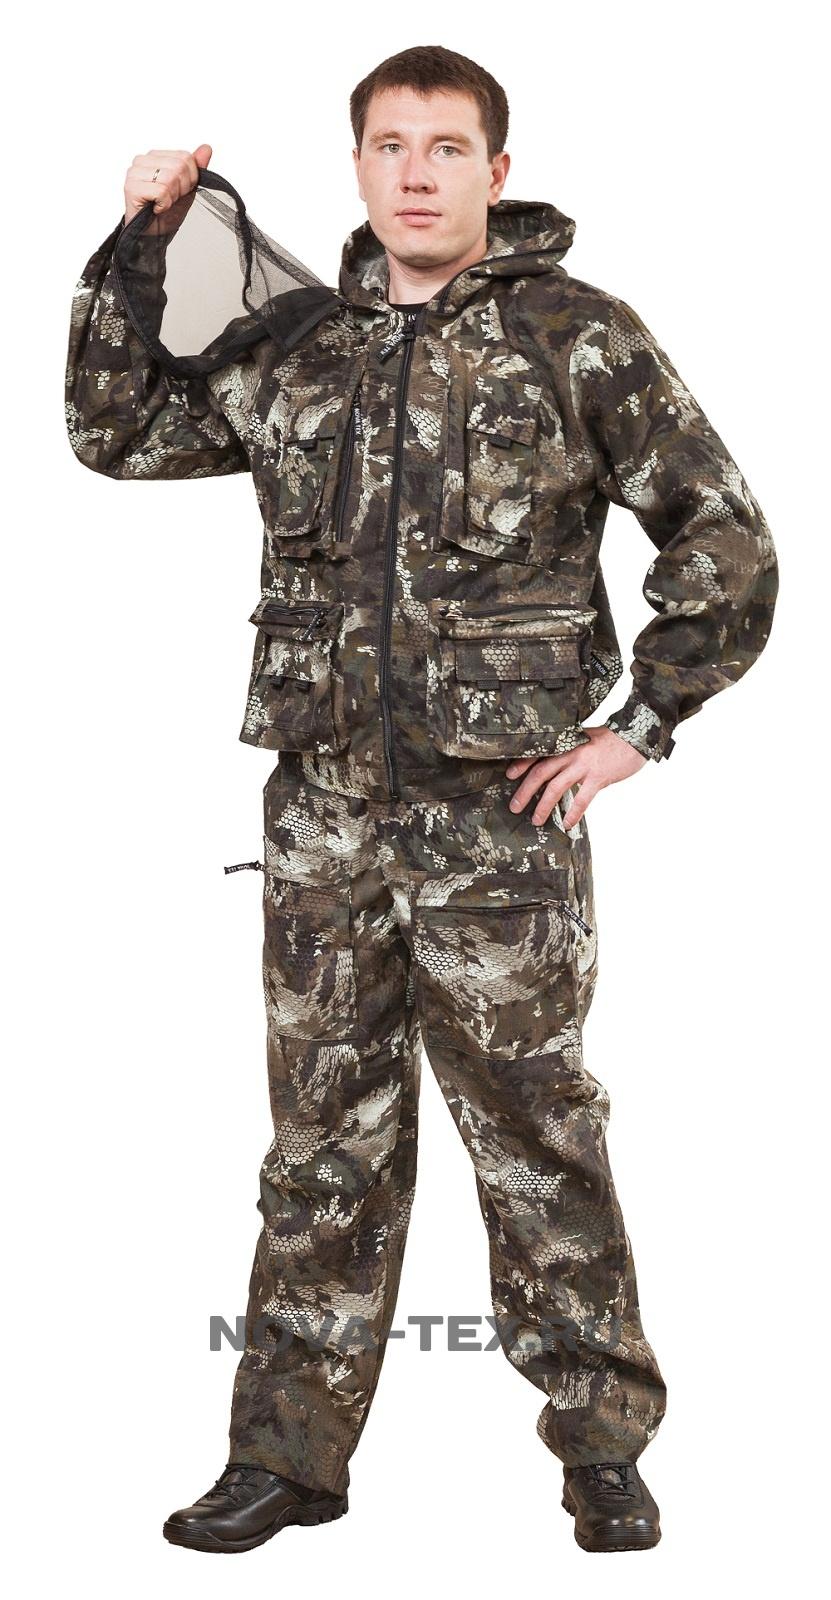 Костюм мужской Диверсант (смесовая, соты Костюмы неутепленные<br>Костюм «Диверсант» (ТМ «Квест») от Novatex <br>относится к линейке антимоскитных костюмов. <br>Этот функциональный костюм прекрасно подойдет <br>для всех любителей активного образа жизни. <br>Состоит из укороченной куртки с капюшоном, <br>оснащенной антимоскитной сеткой, и прямых <br>брюк. Низ брюк и рукава куртки собраны на <br>резинку. Капюшон оснащен съемной антимоскитной <br>сеткой. Костюм «Диверсант» - отличный вариант <br>для охотников, рыбаков и туристов. Особенности <br>модели: -антимоскитная сетка -12 карманов <br>-капюшон регулируется по ширине<br><br>Пол: мужской<br>Размер: 44-46<br>Рост: 170-176<br>Сезон: лето<br>Цвет: коричневый<br>Материал: текстиль